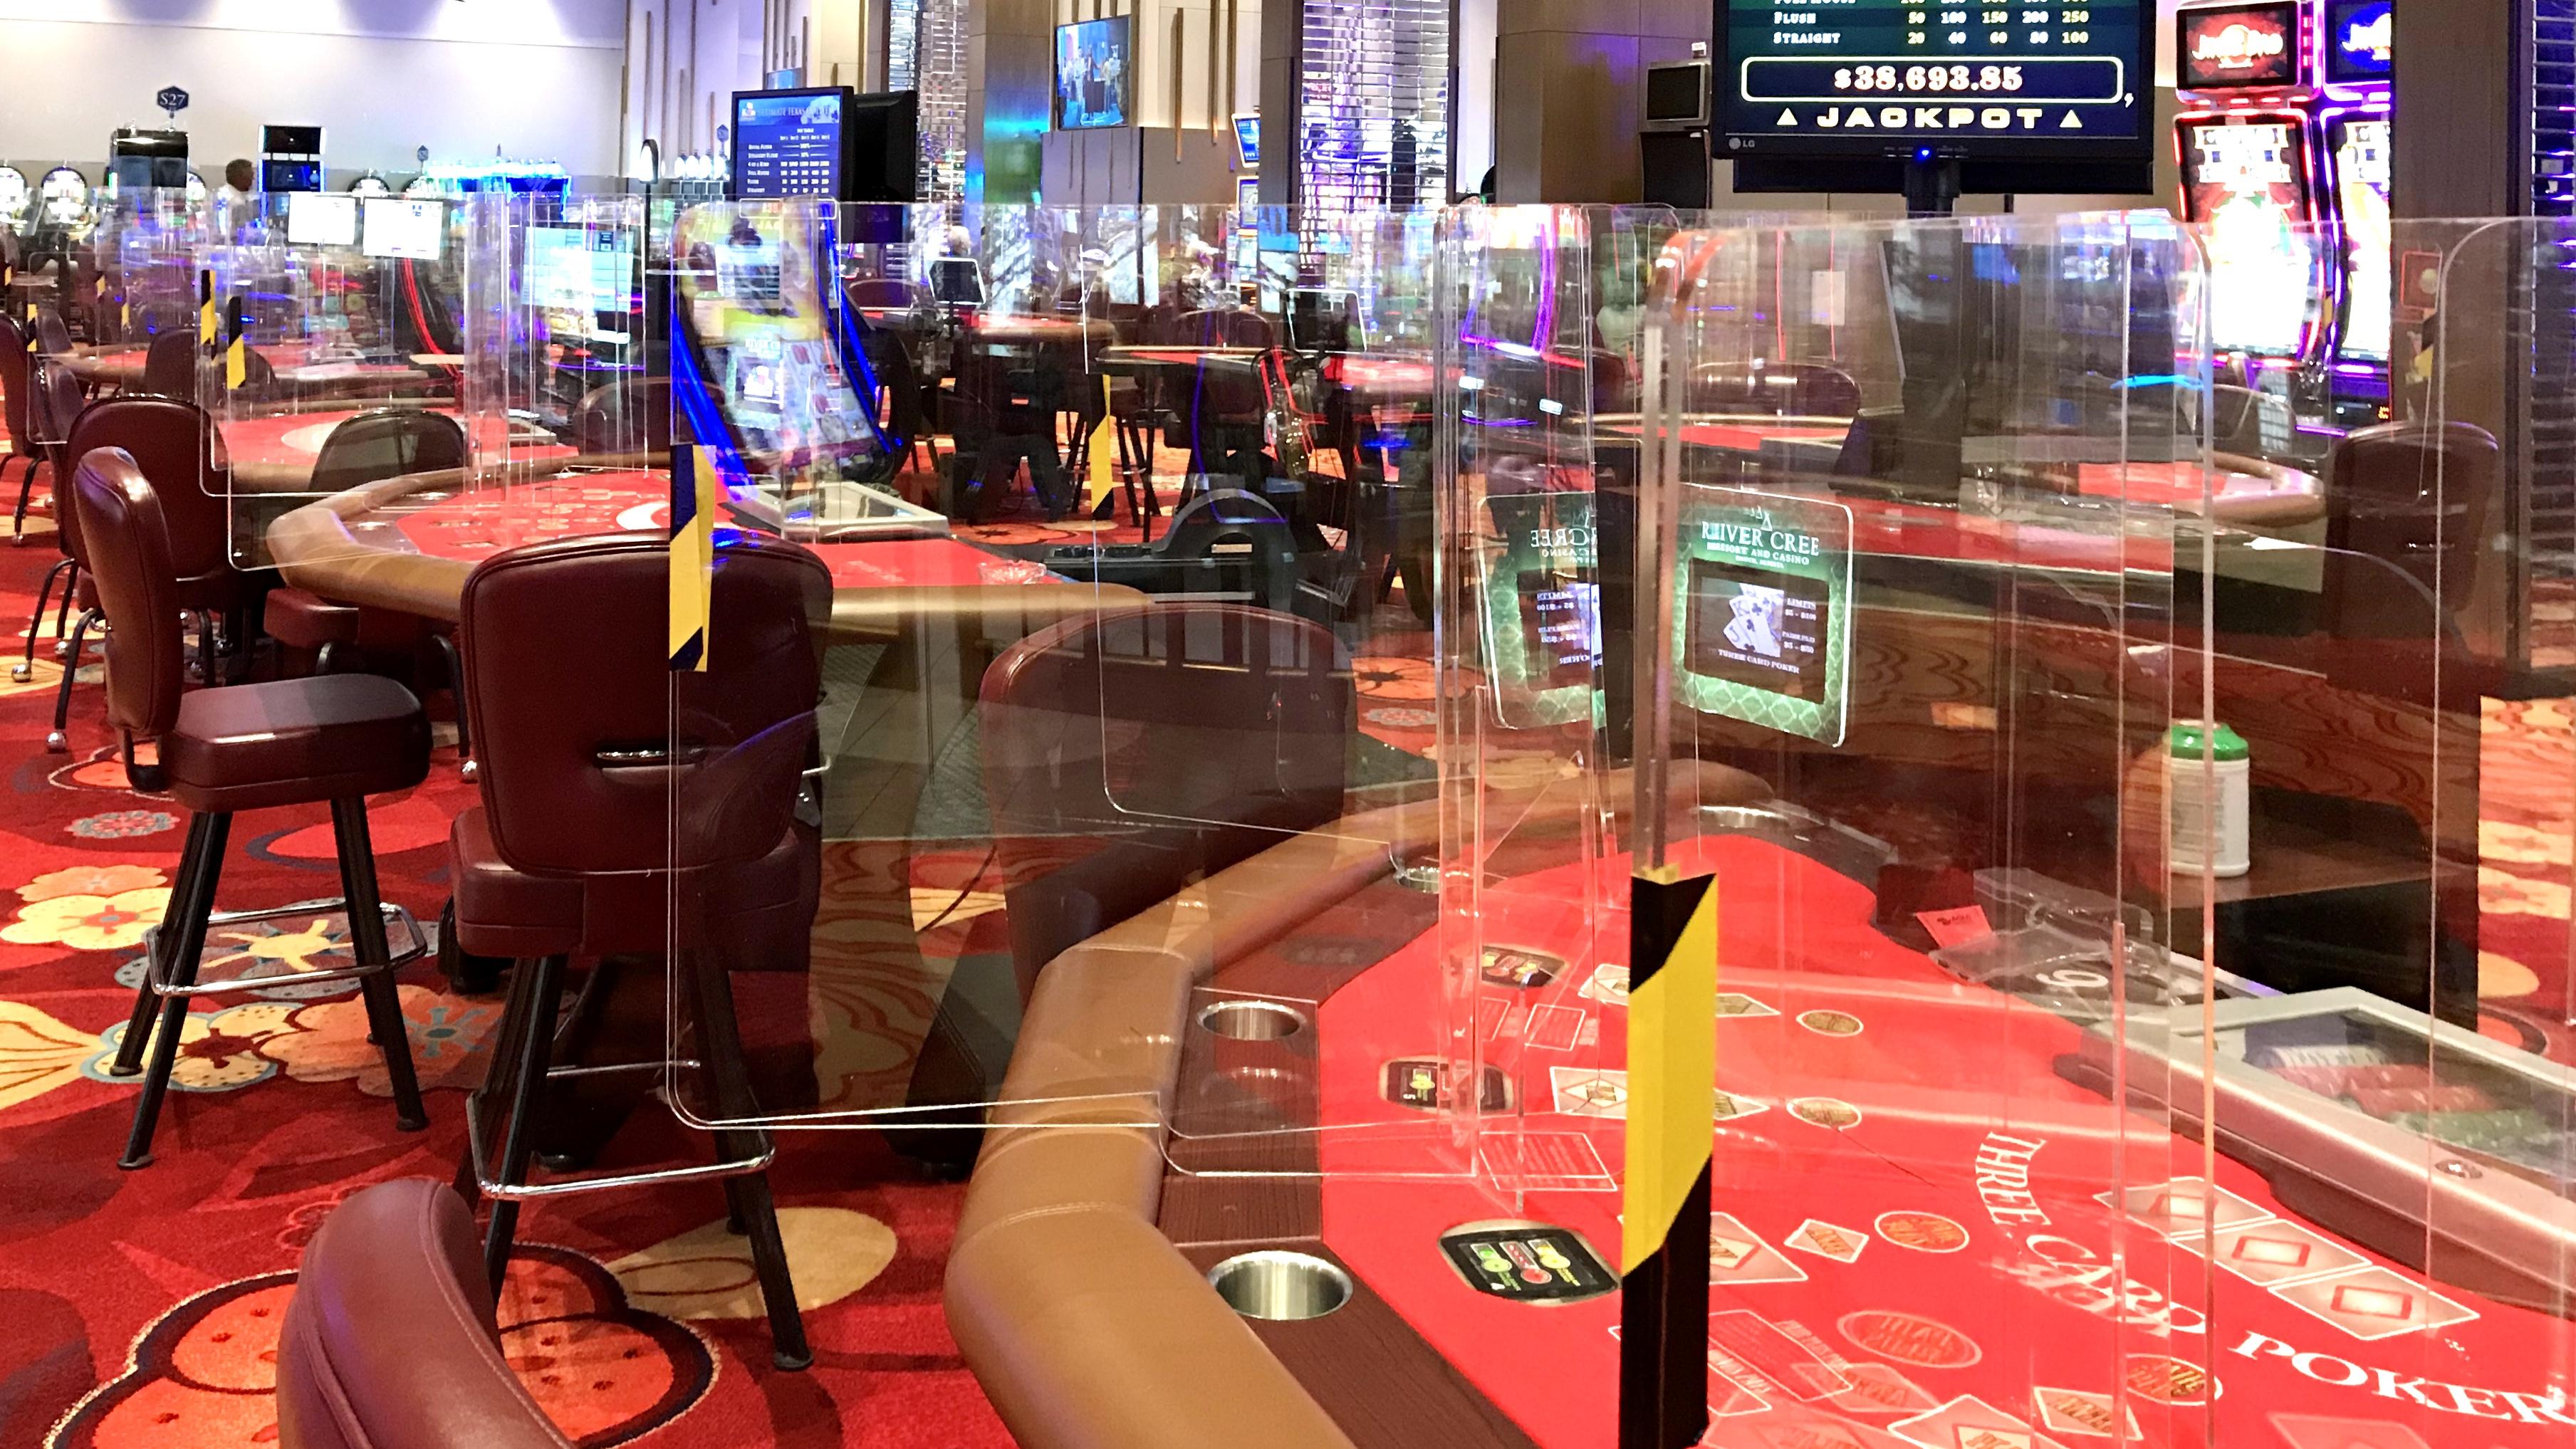 Alberta casinos top 10 casino hotels in macau